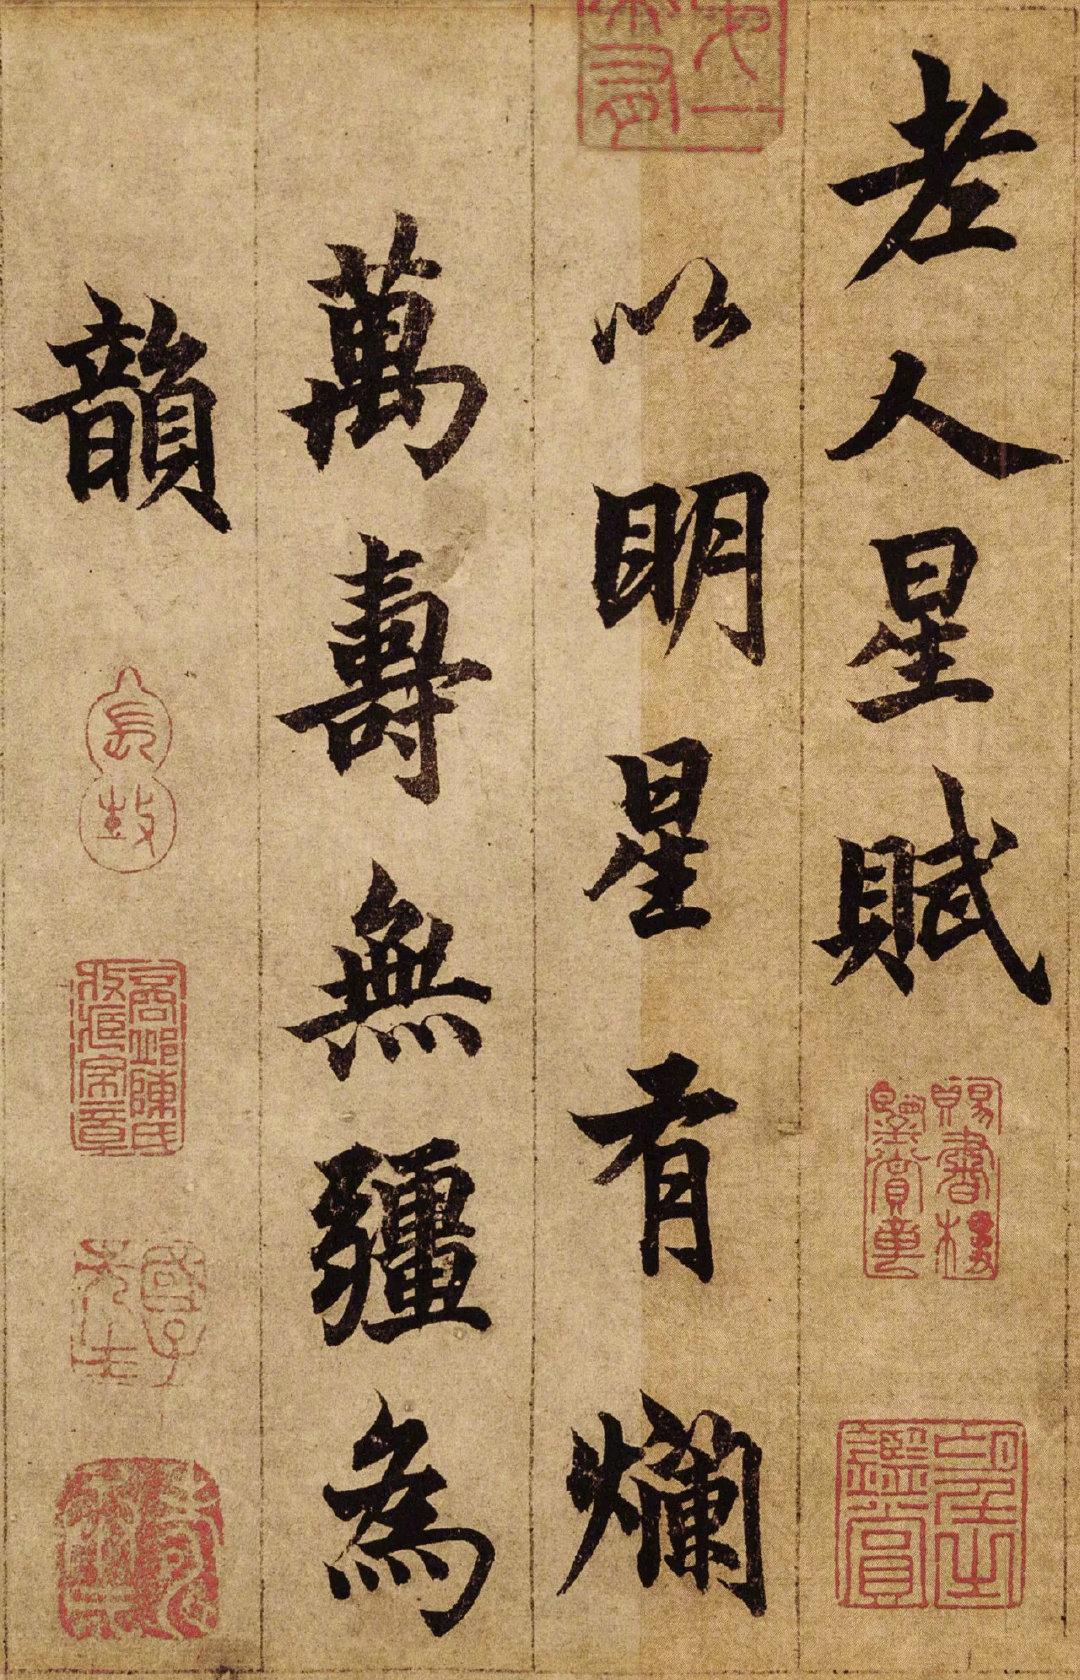 元朝书画家 柯九思《老人星赋》长卷,纸本墨迹,柯九思博学多彩